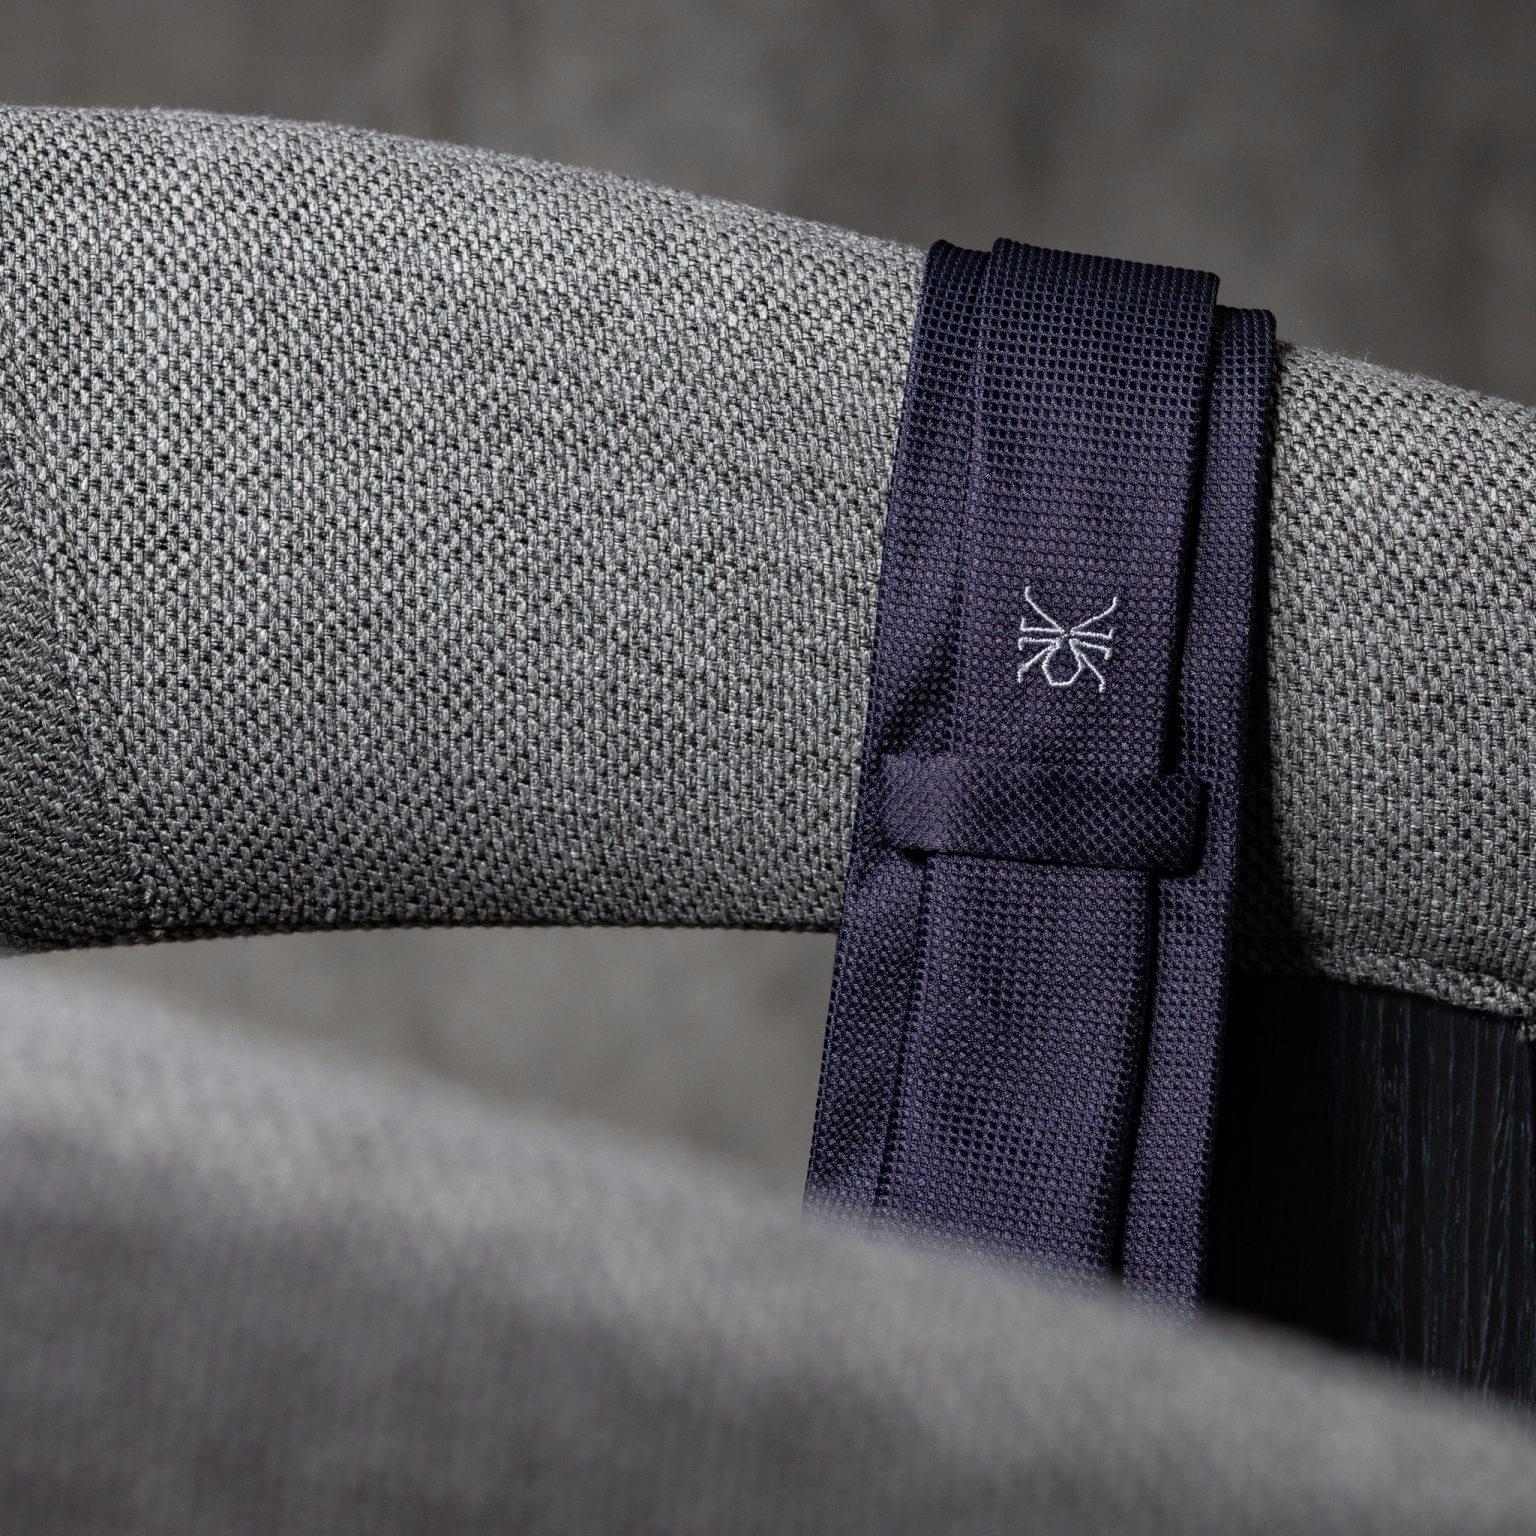 JACQUARD-0073-Tie-Initials-Corbata-Iniciales-The-Seelk-4